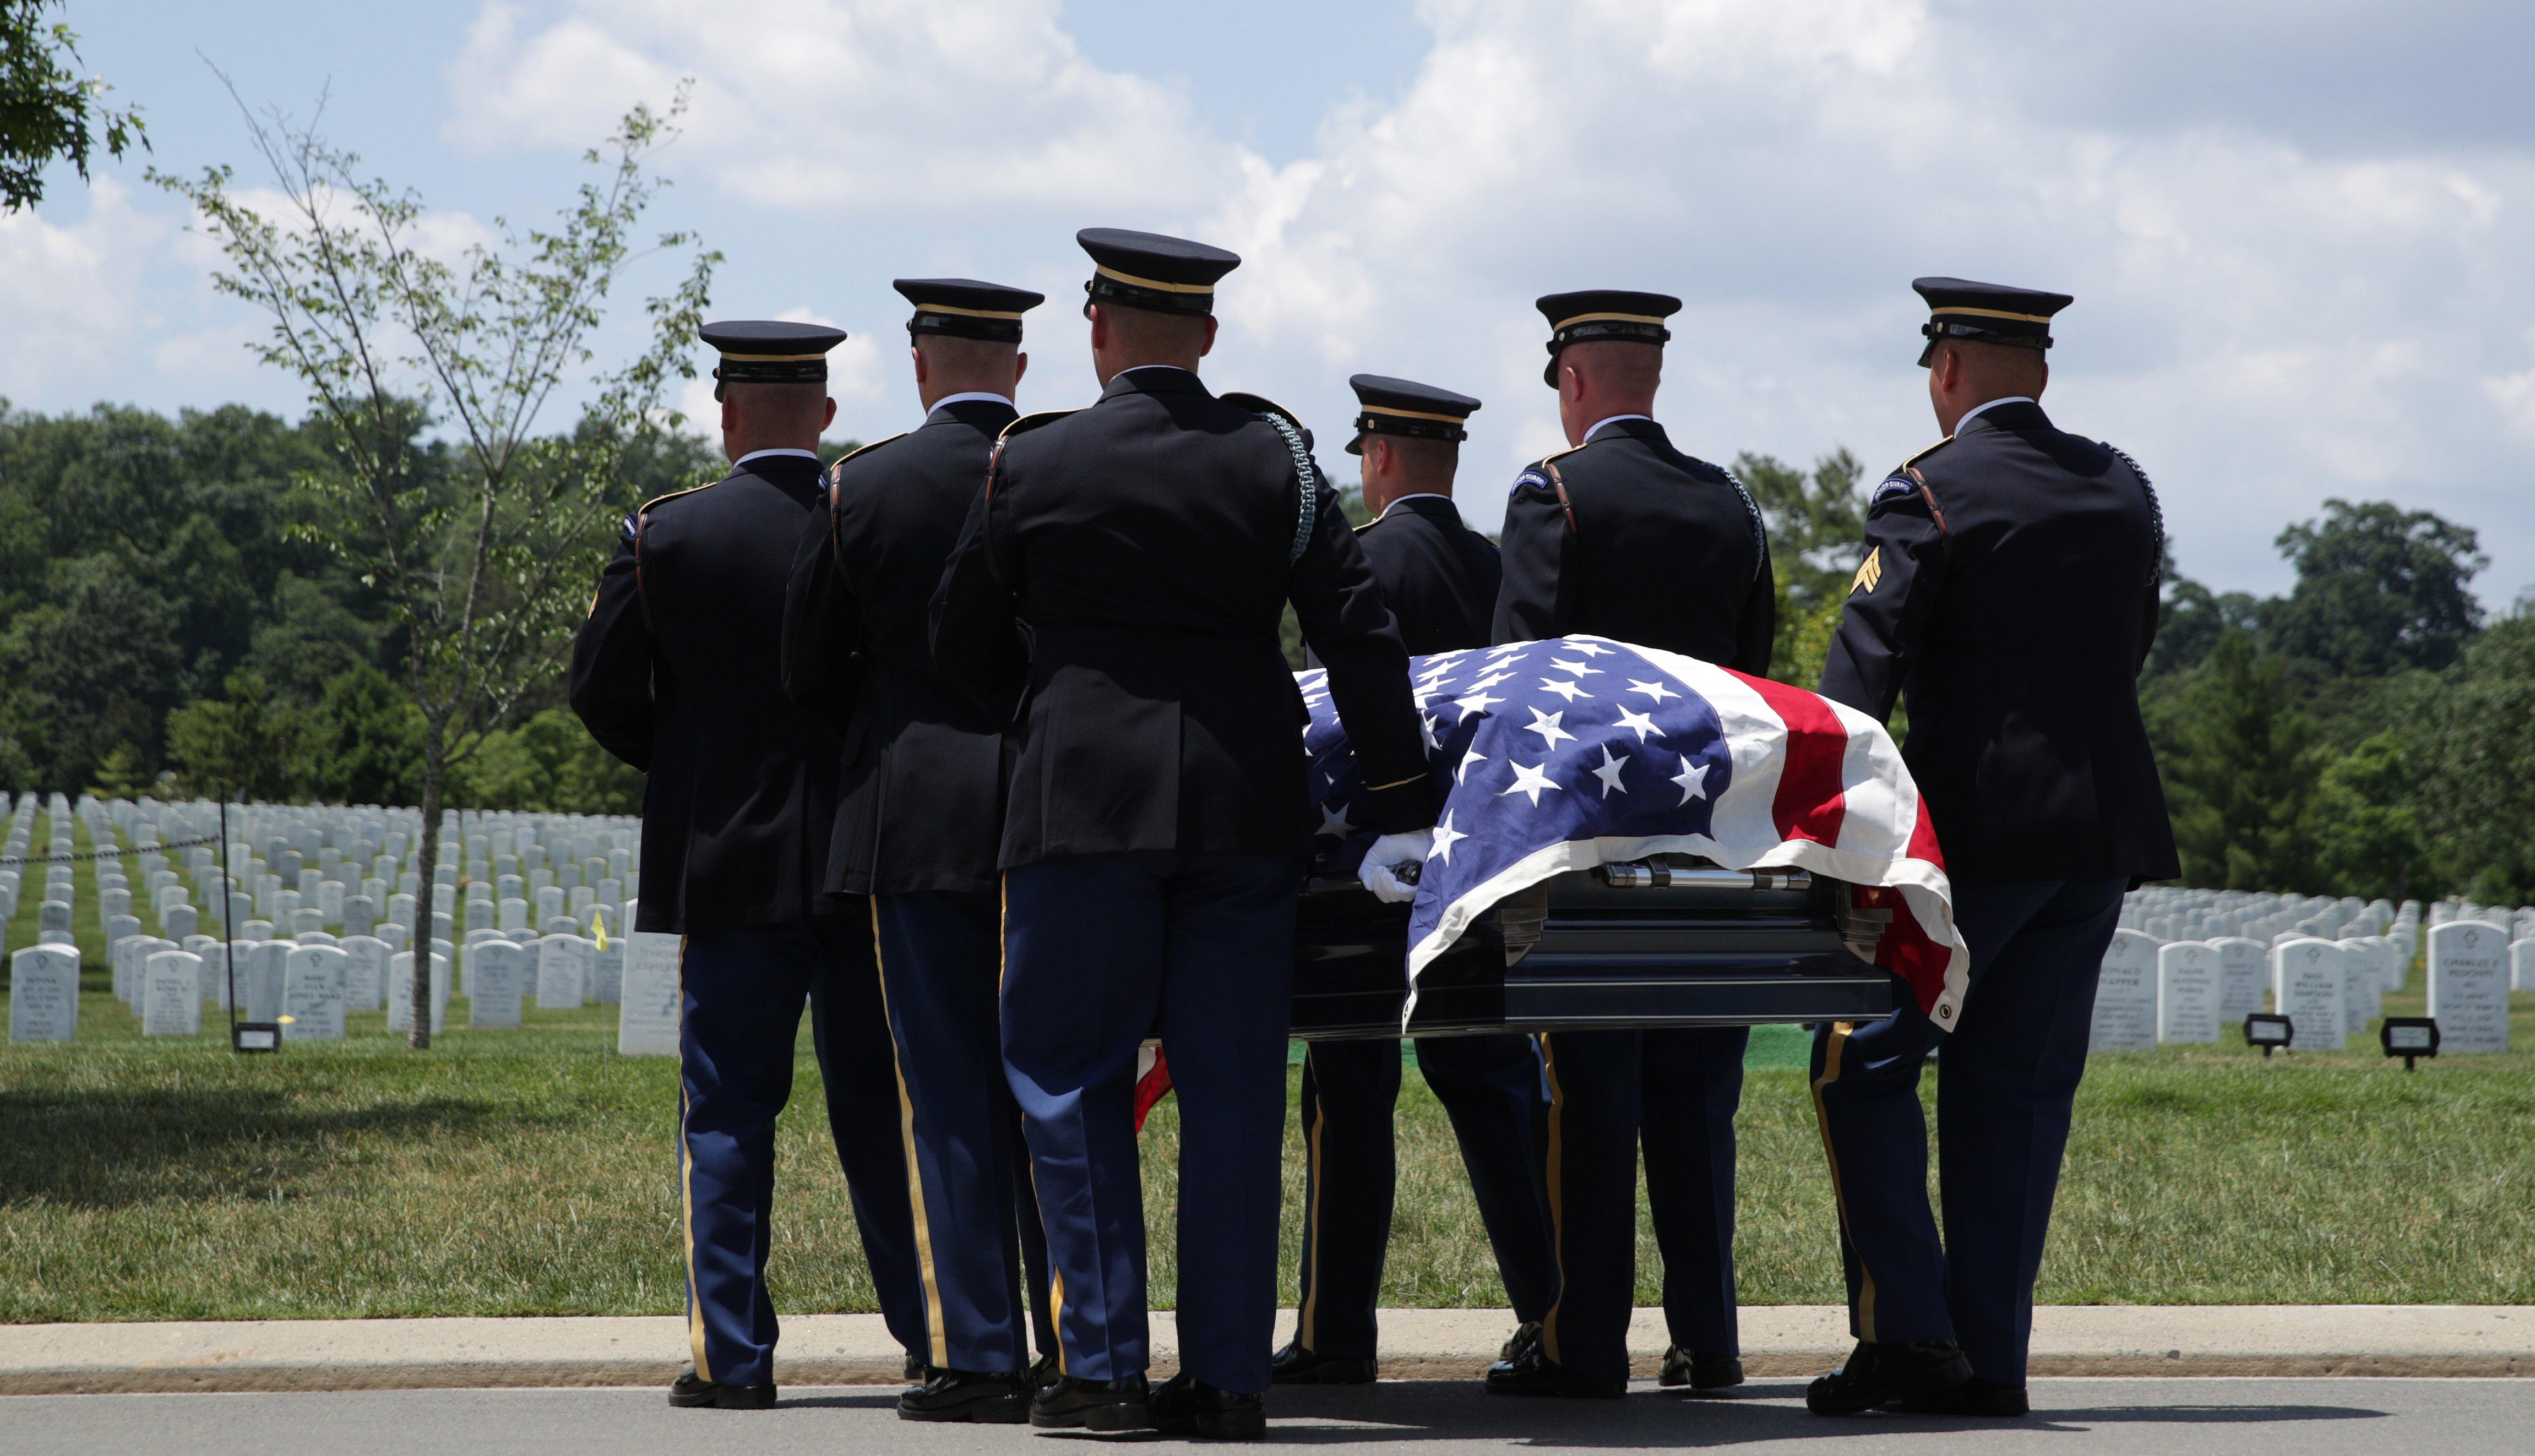 Hombres en uniforme llevan un ataúd envuelto en la bandera estadounidense en un cementerio